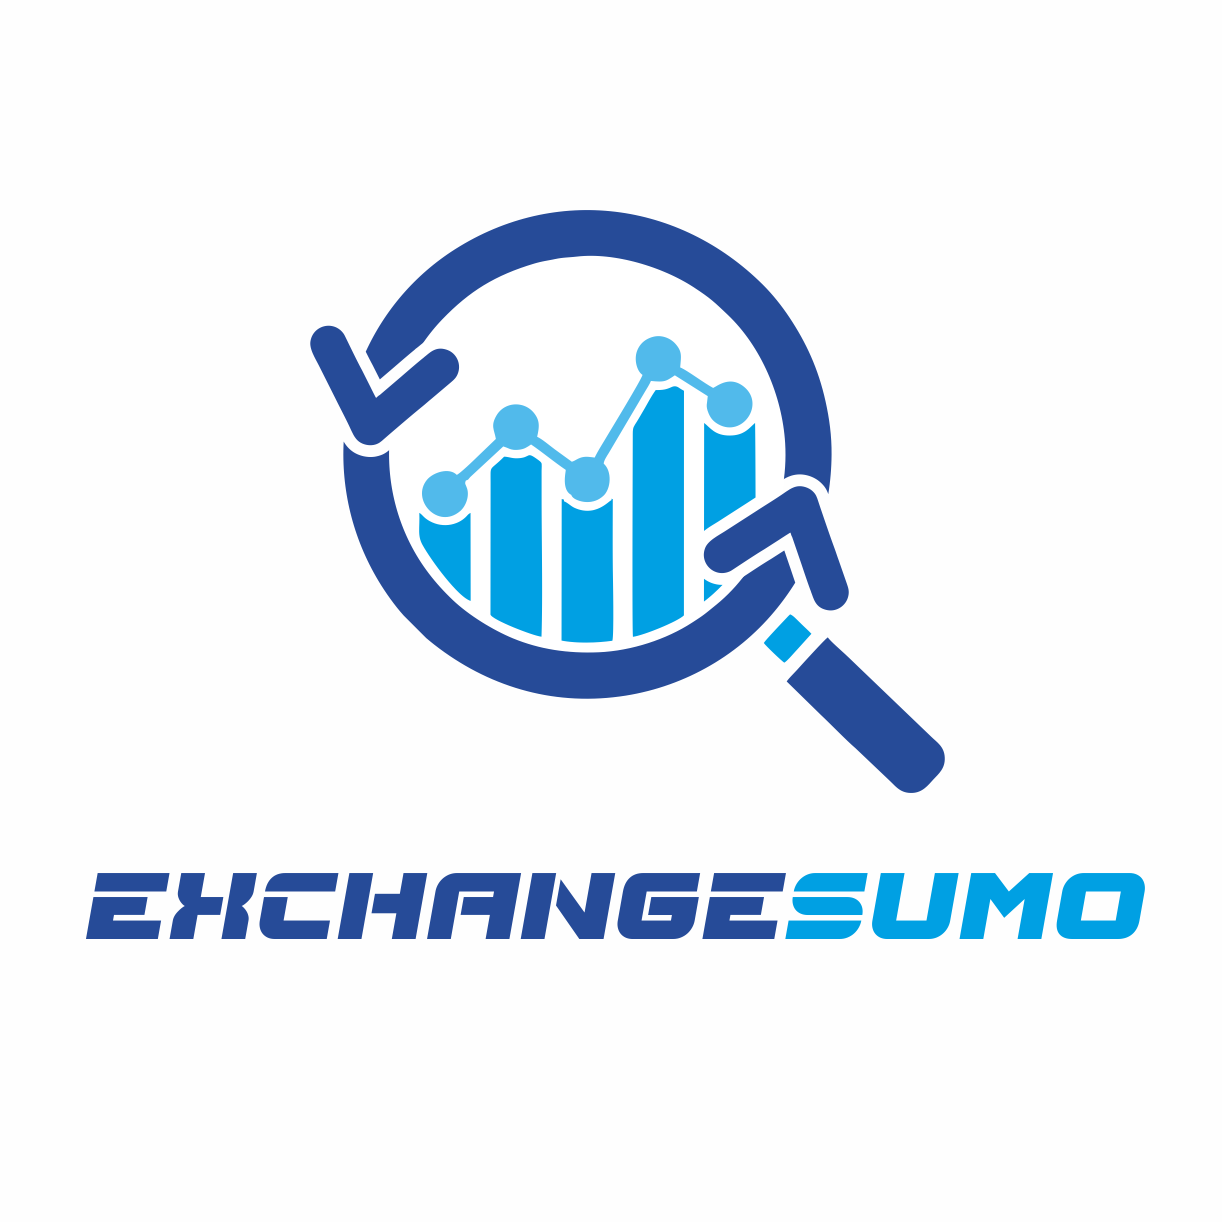 Логотип для мониторинга обменников фото f_5875bae06d032004.png